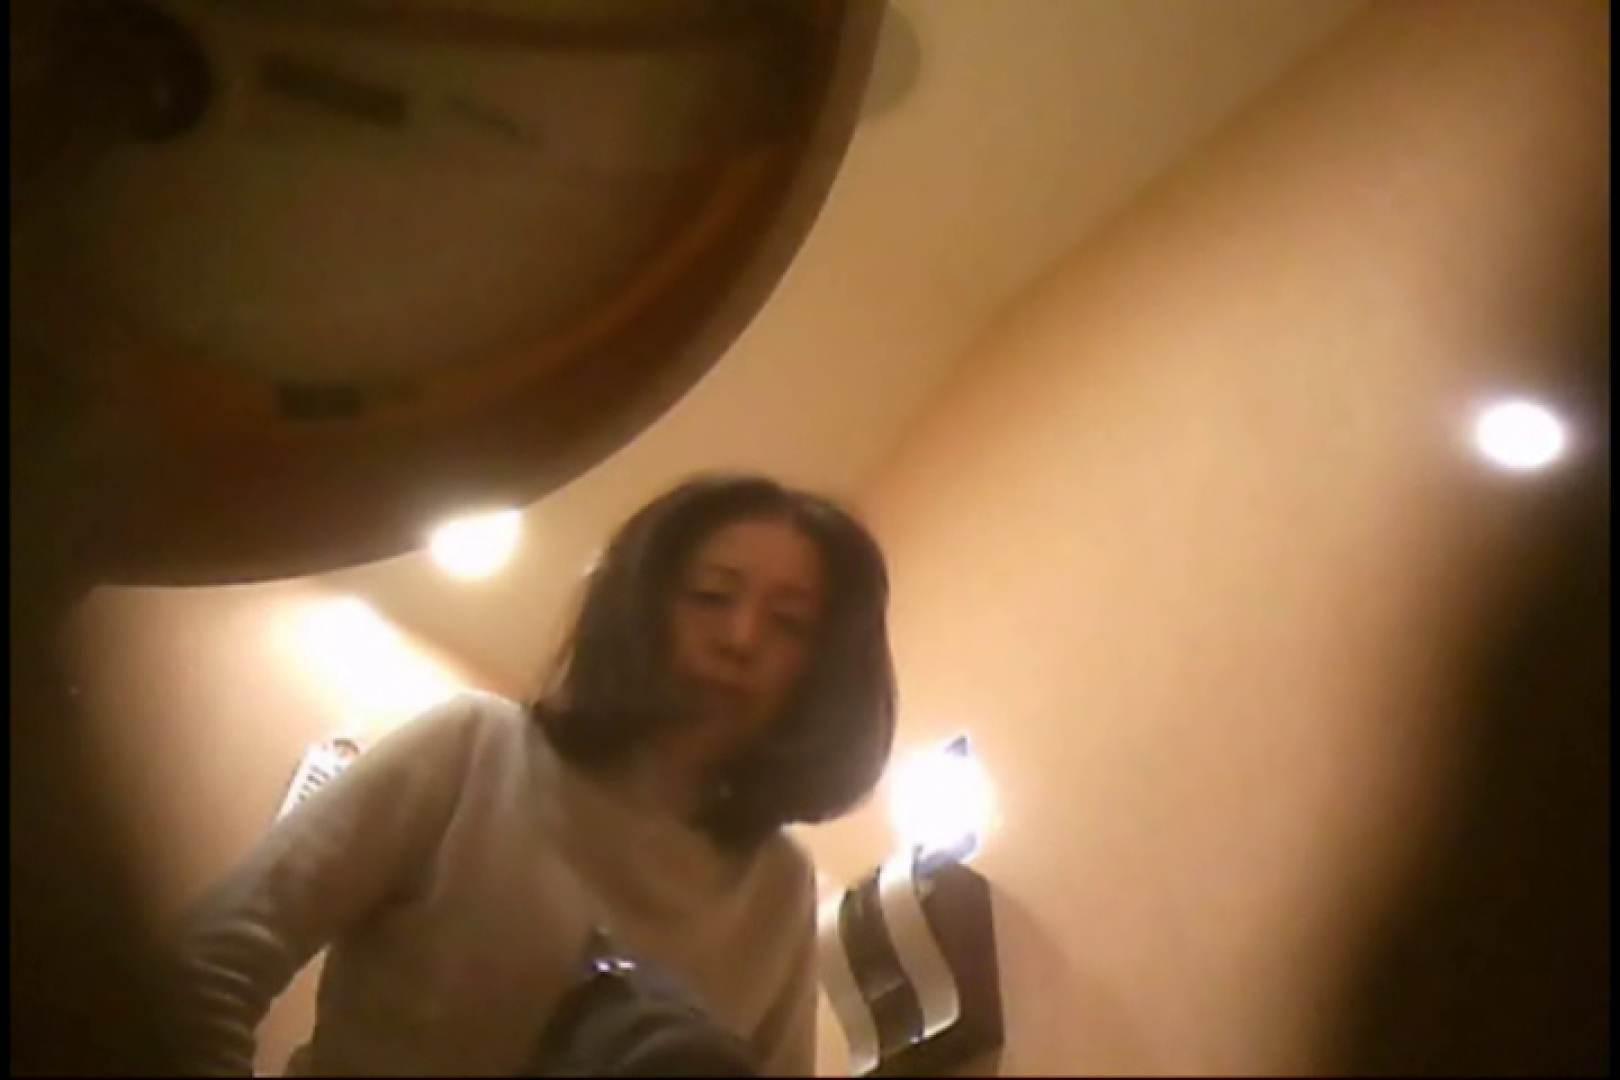 潜入!!女子化粧室盗撮~絶対見られたくない時間~vo,96 OLセックス 盗み撮りSEX無修正画像 72画像 2